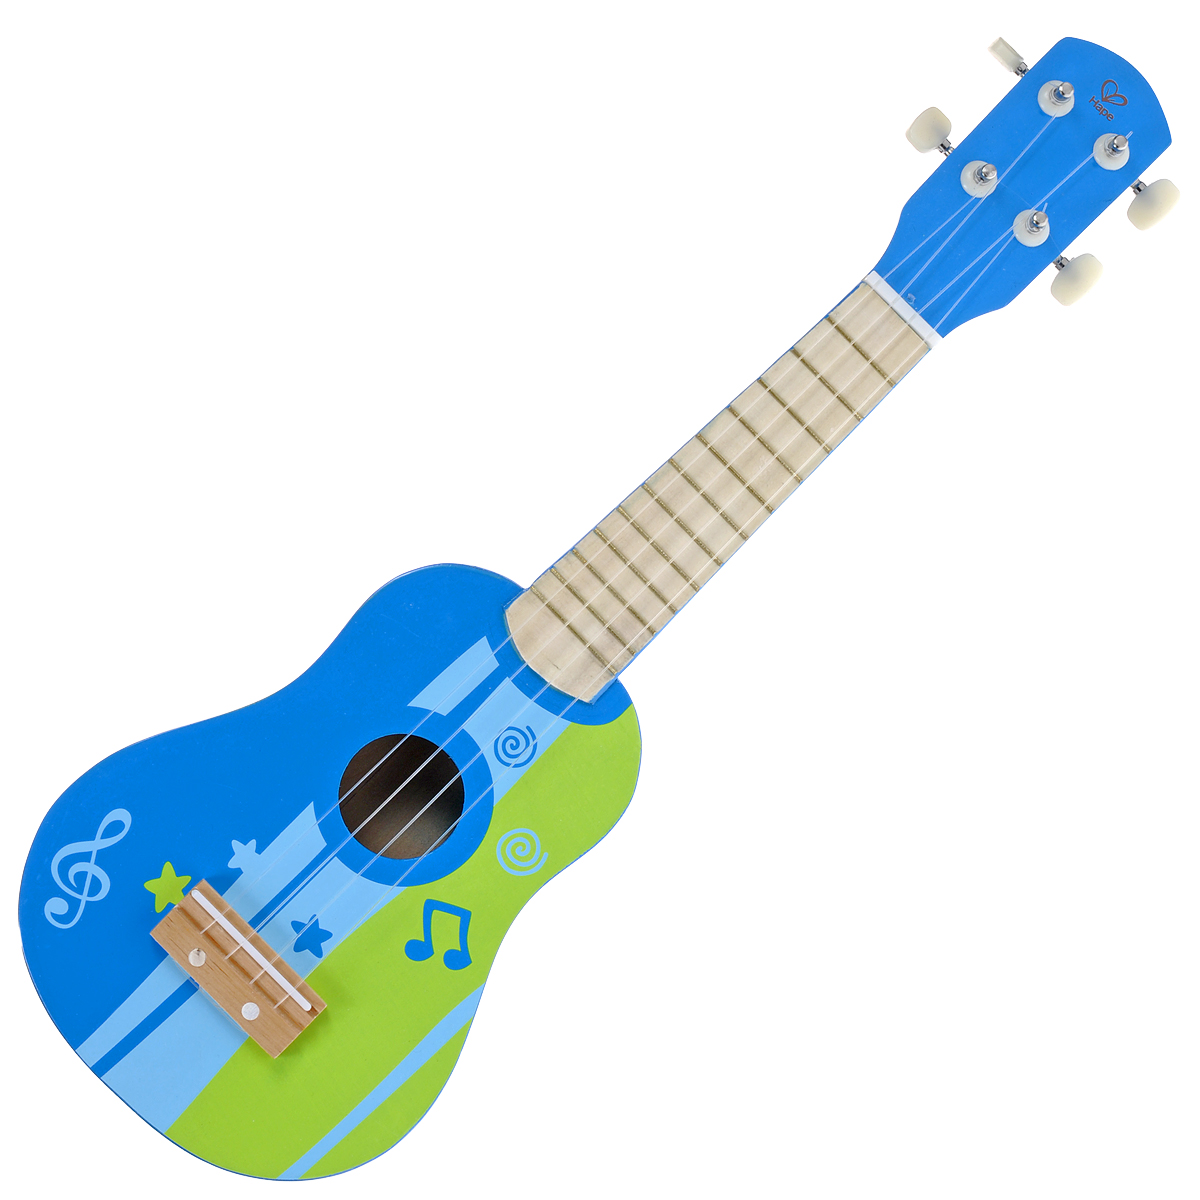 Hape Игрушка деревянная Гитара, цвет: синий, салатовый. Е0316 hape деревянная игрушка пазл счастливые часы